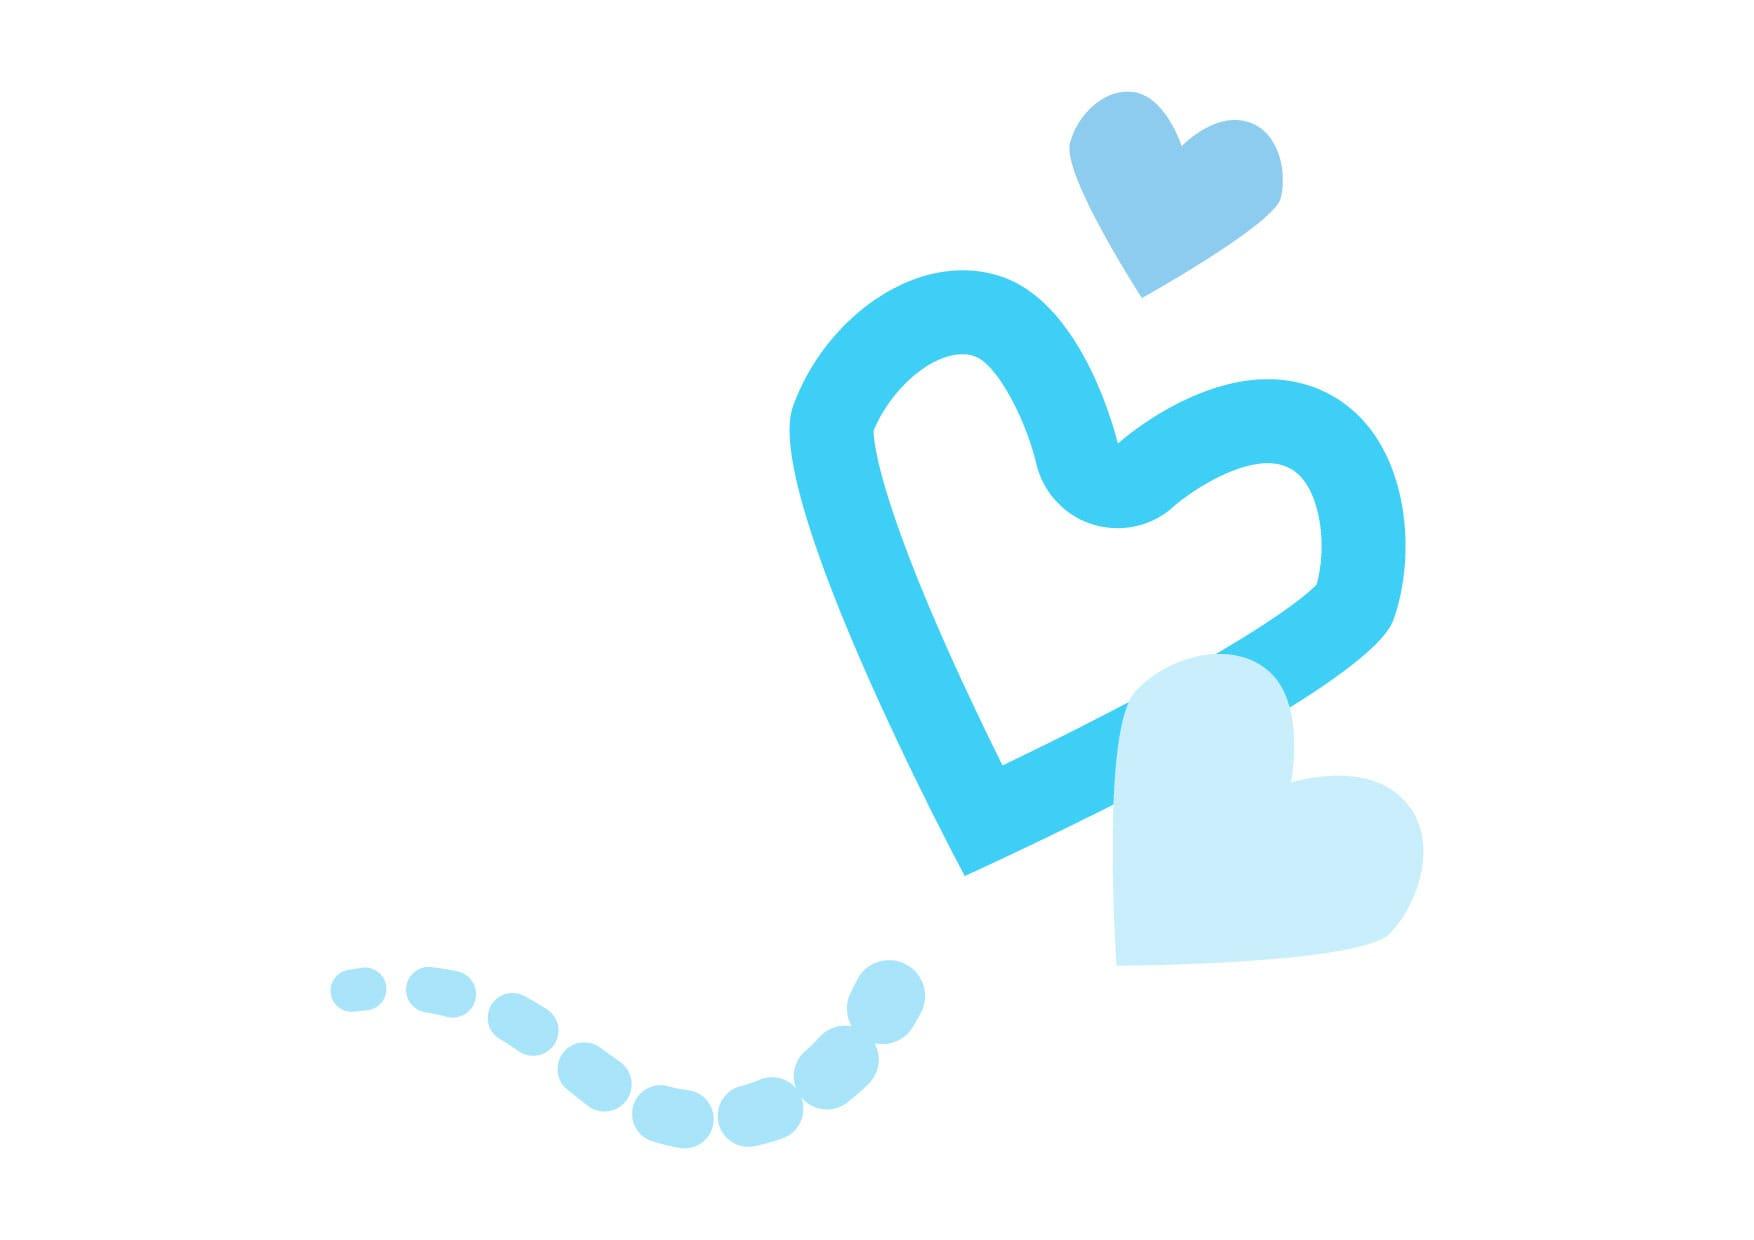 可愛いイラスト無料|ハート 飛ぶ 水色 − free illustration  Heart fly light blue